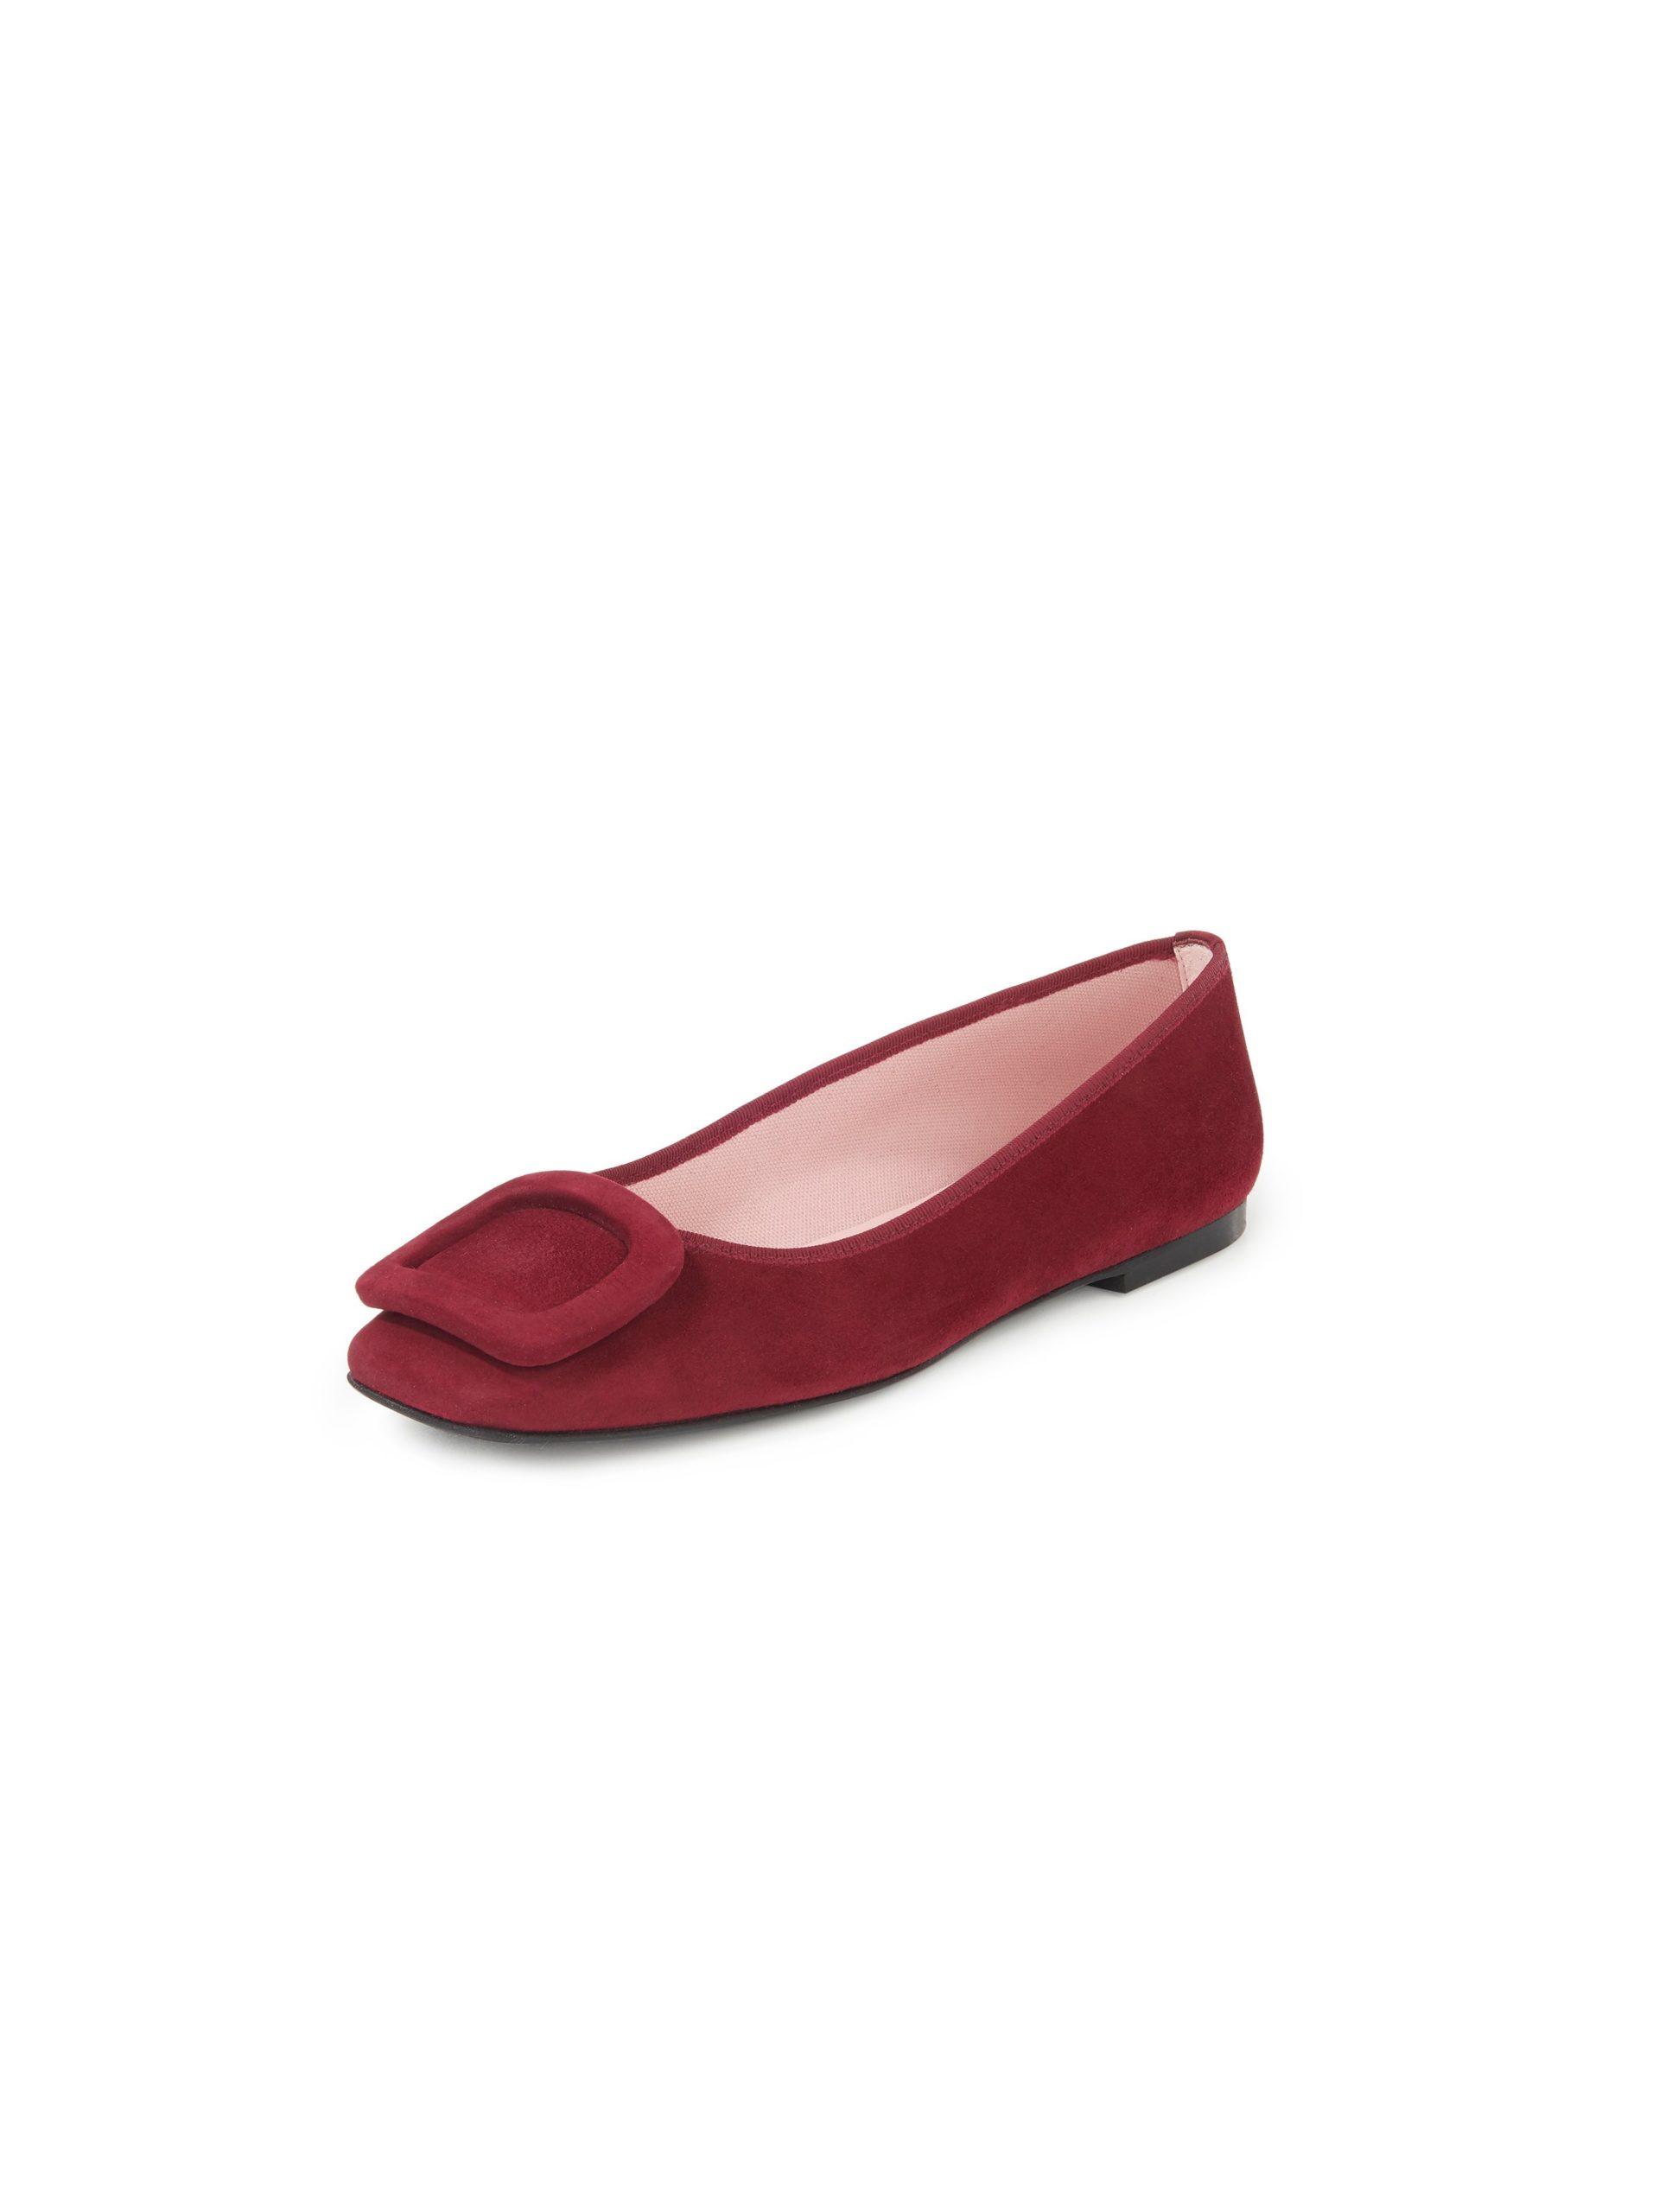 Ballerina's van geitensuèdeleer met siergesp Van Pretty Ballerinas rood Kopen